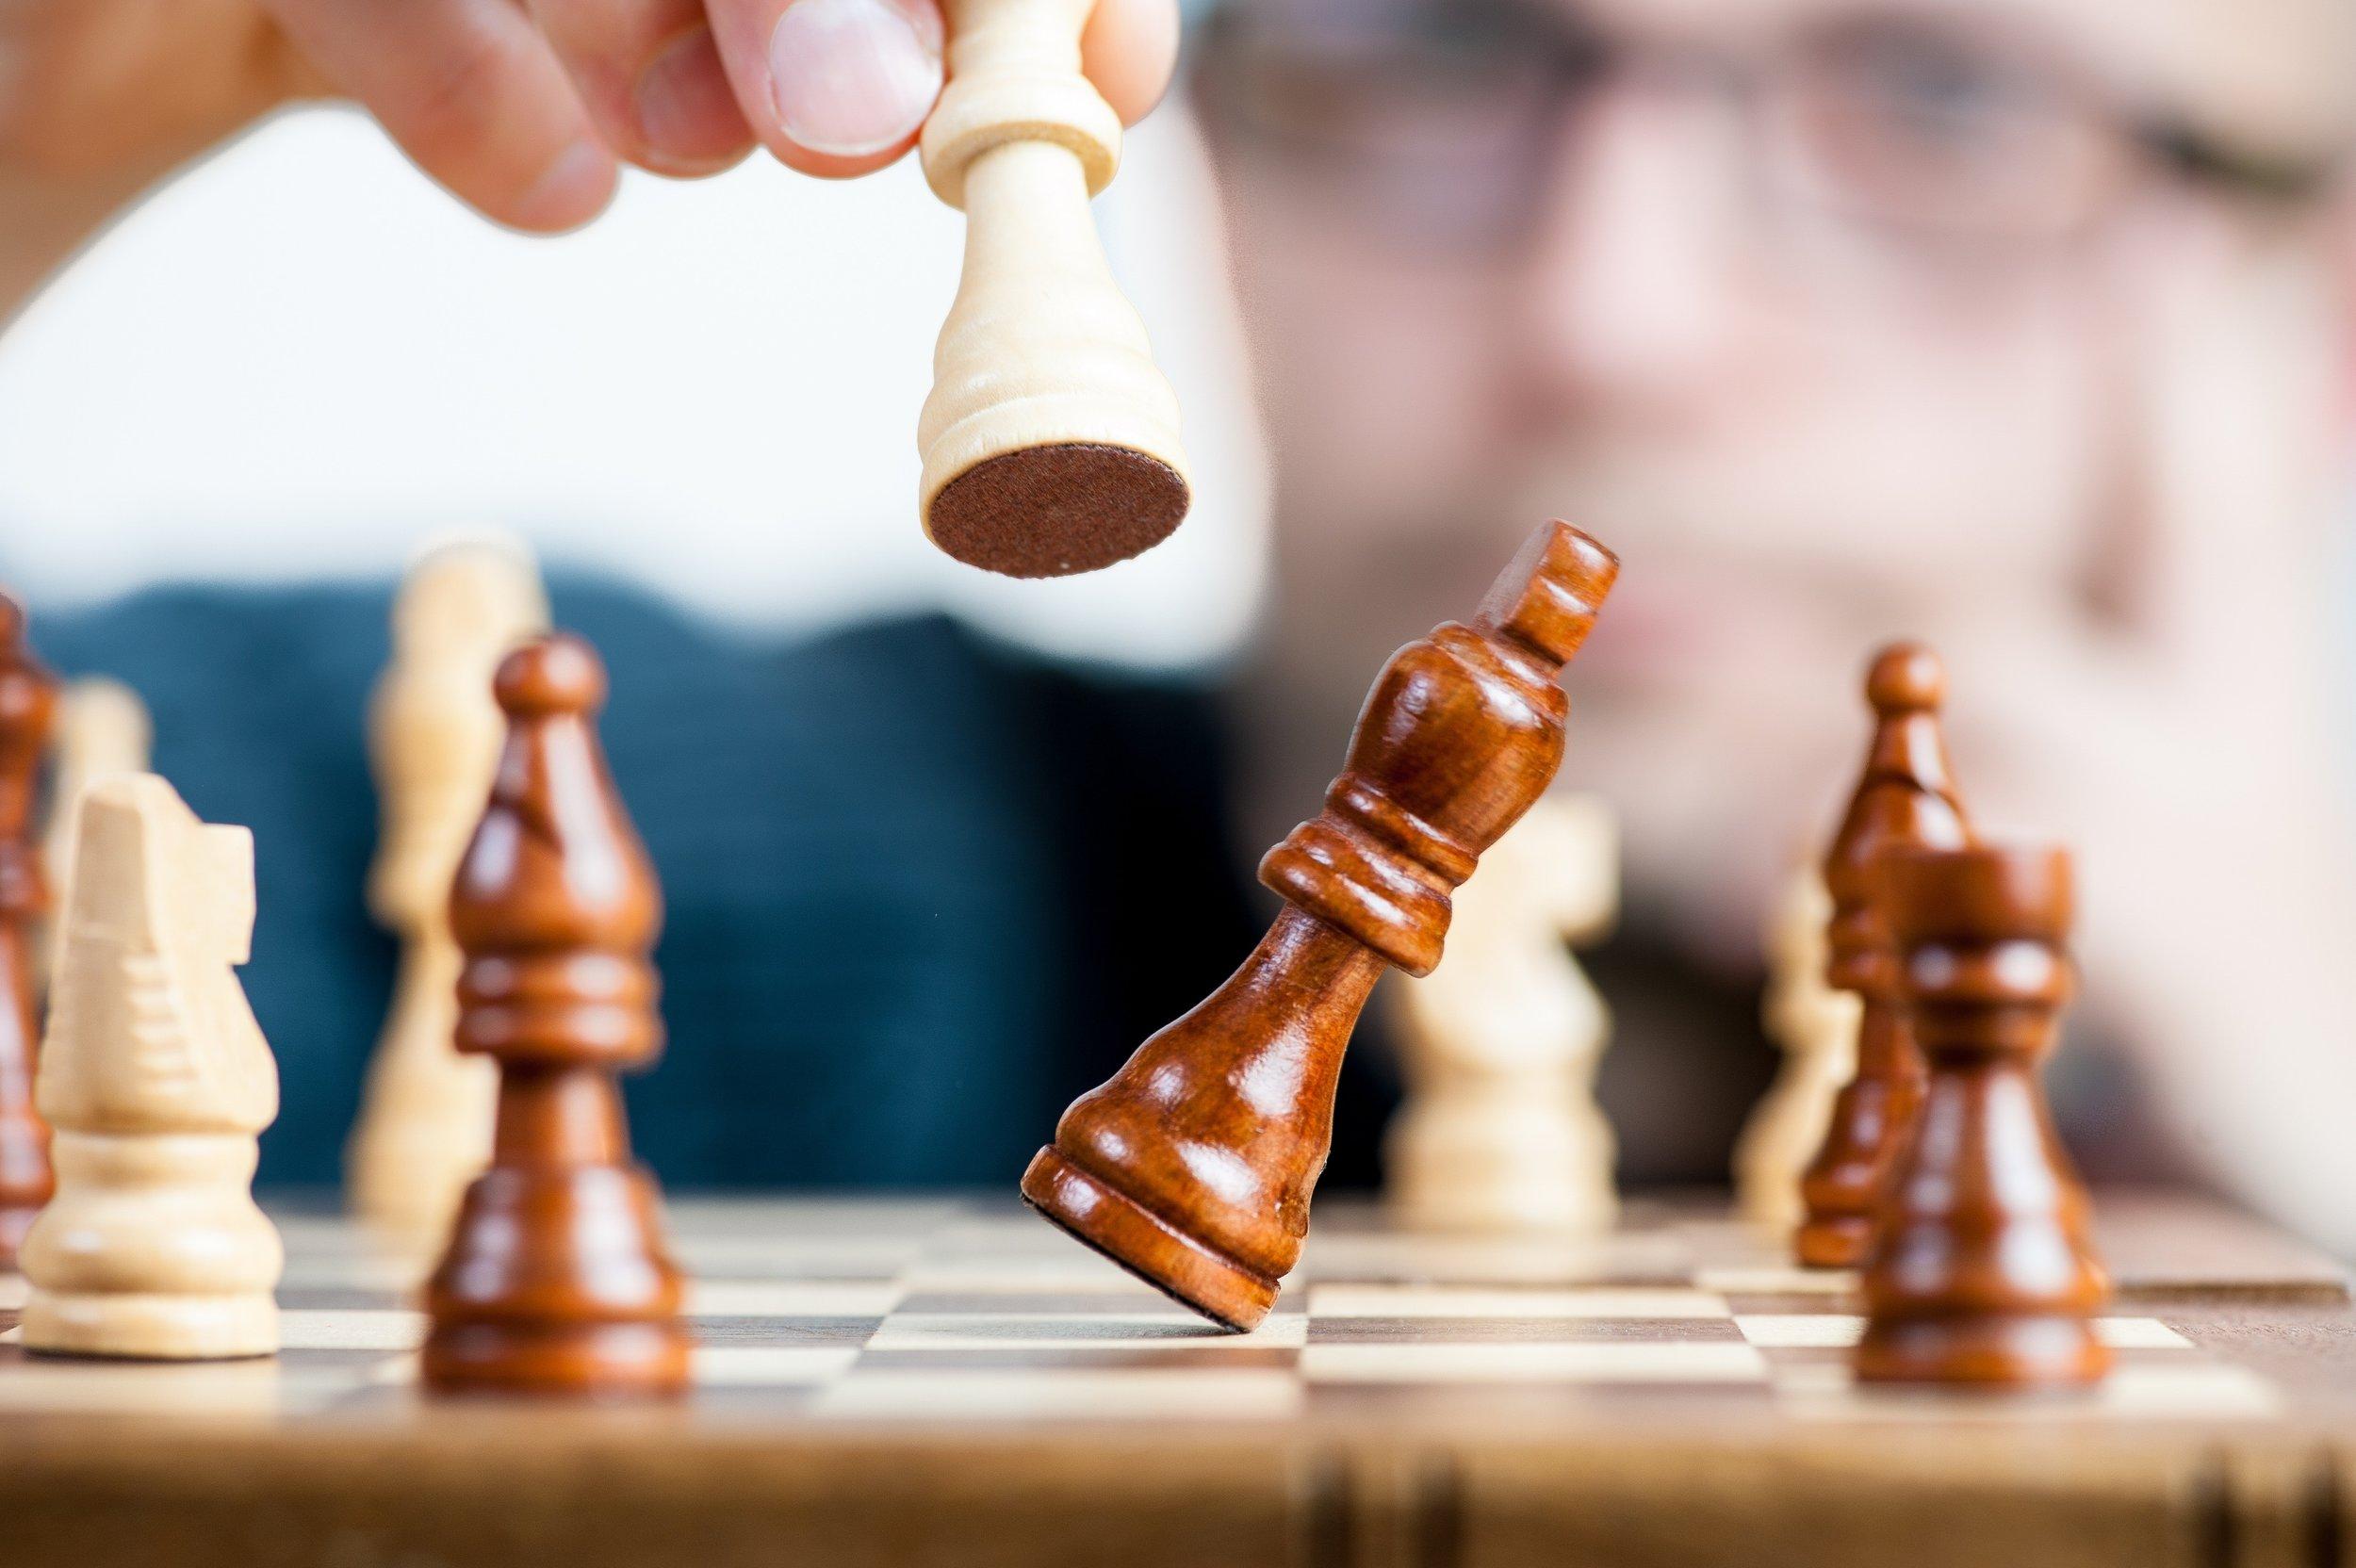 battle-board-game-castle-277124.jpg